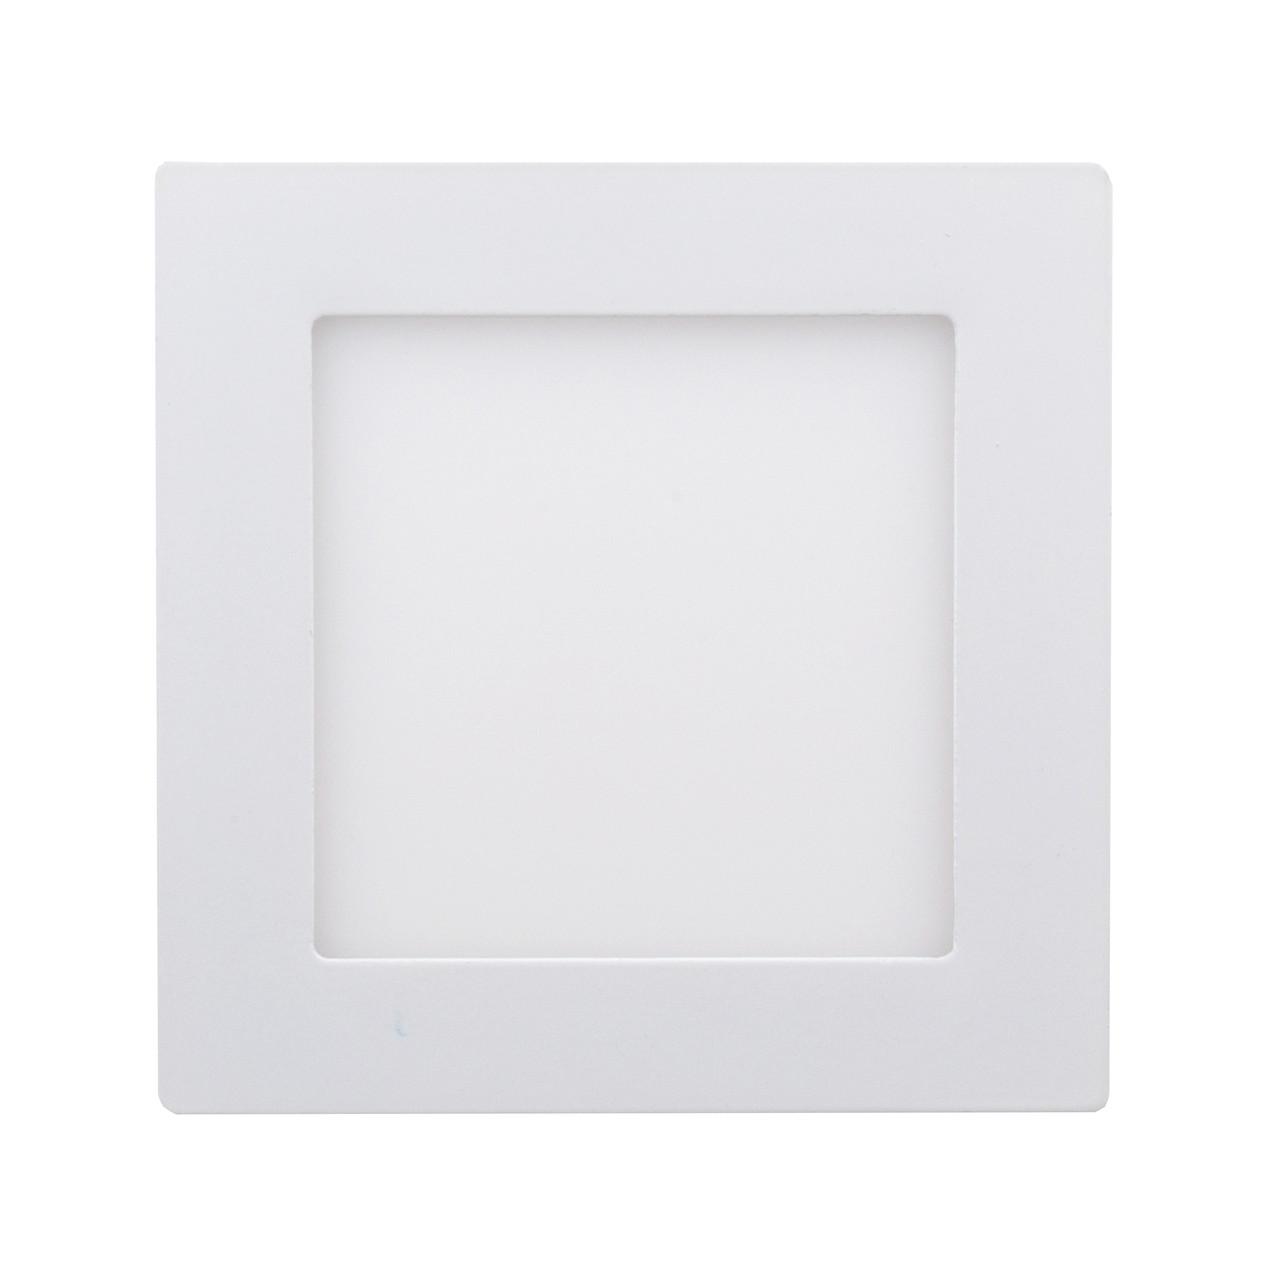 Точечный светильник встраиваемый 6W 4200К LED-S-120-6